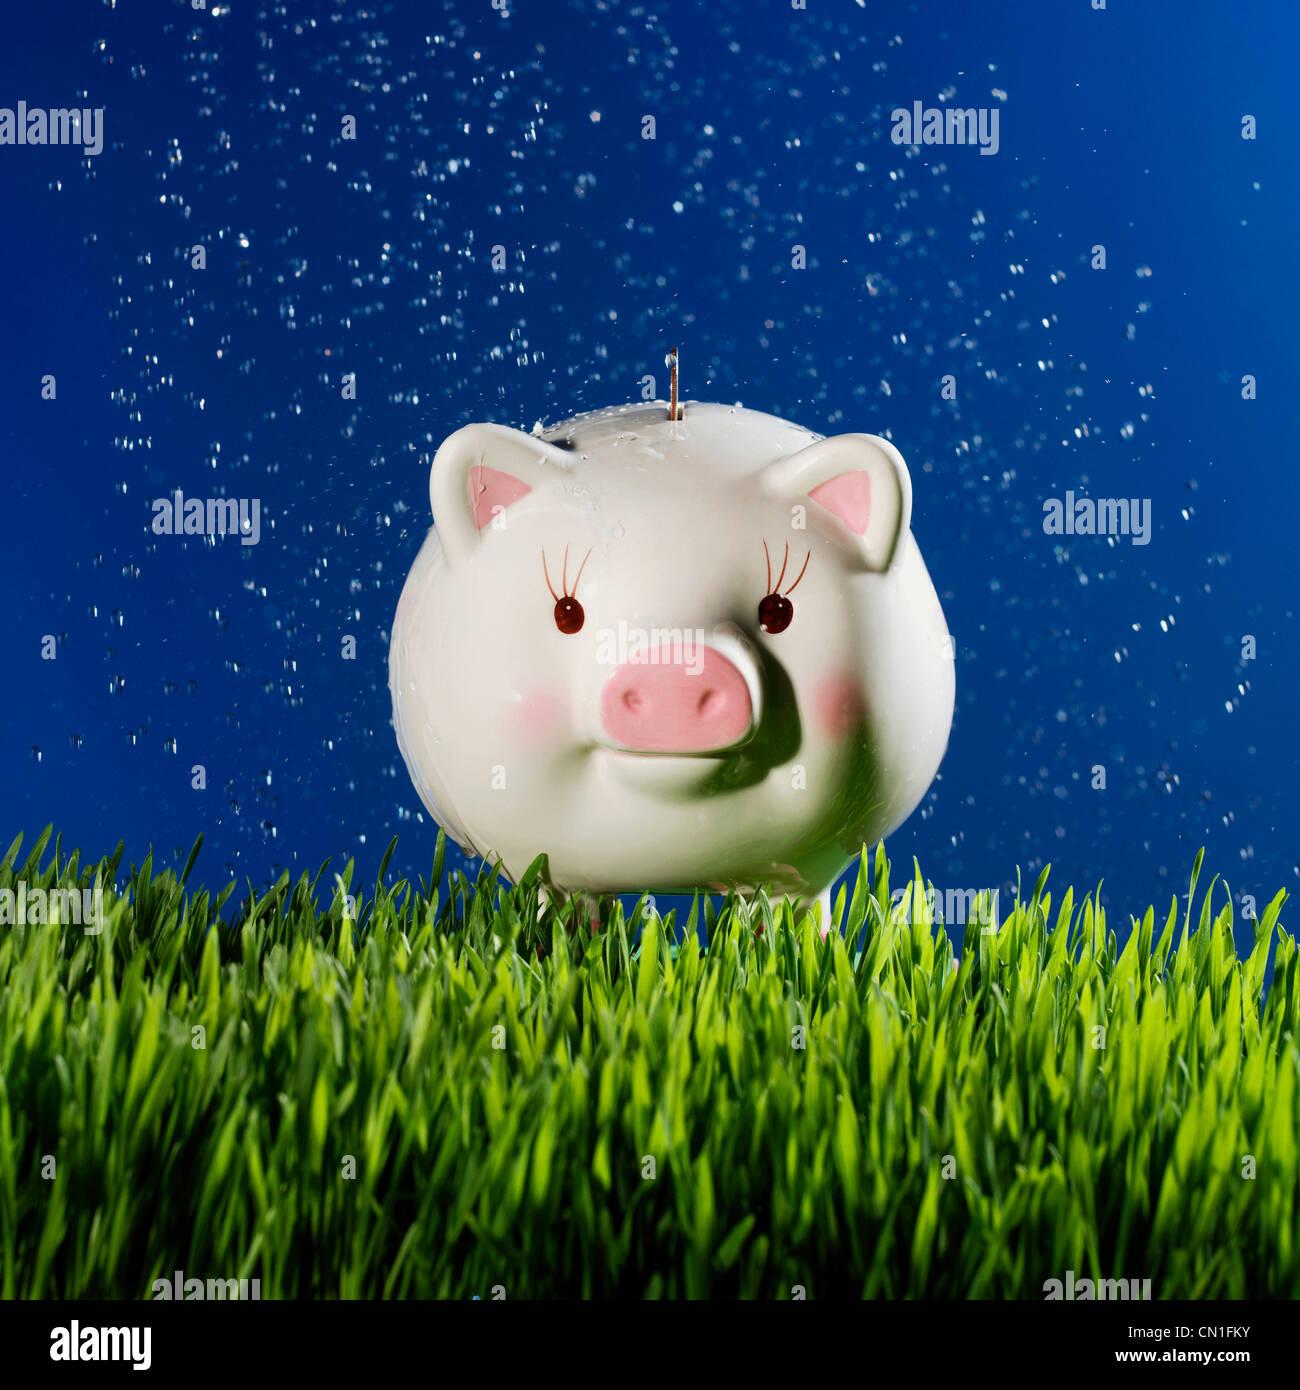 Le goccioline di acqua sul porcellino salvadanaio sull'erba Immagini Stock